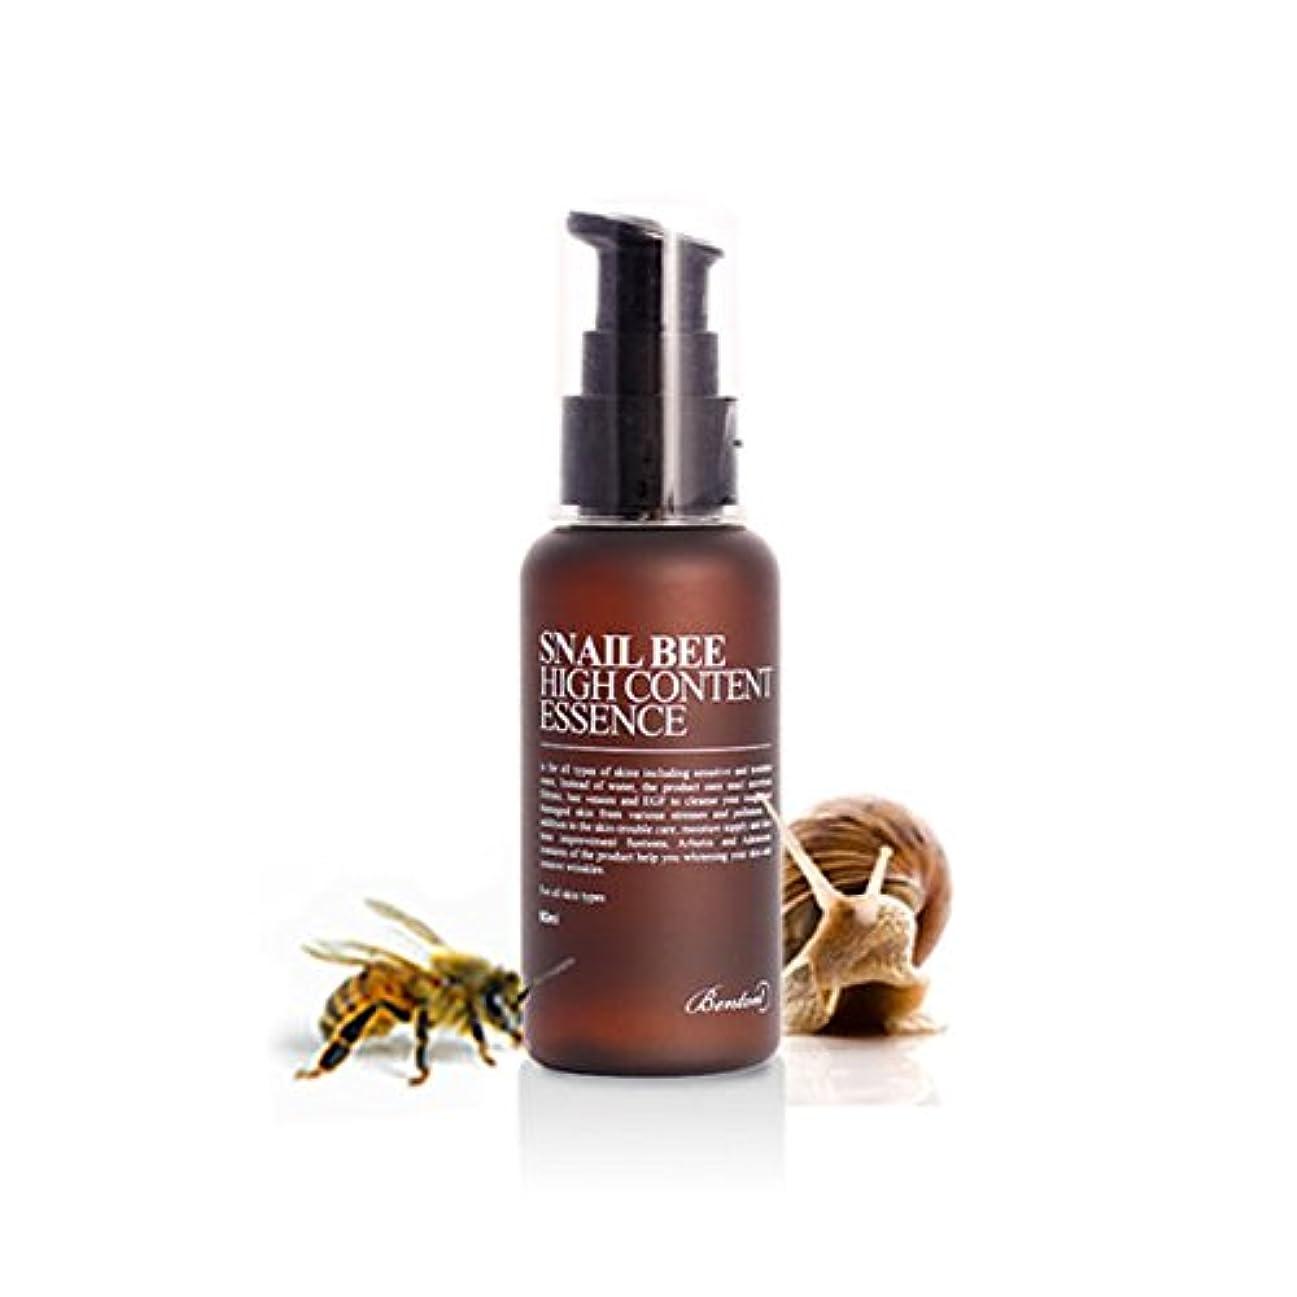 移行援助執着[ベントン] Benton カタツムリ蜂ハイコンテンツエッセンス Snail Bee High Content Essence 60ml [並行輸入品]